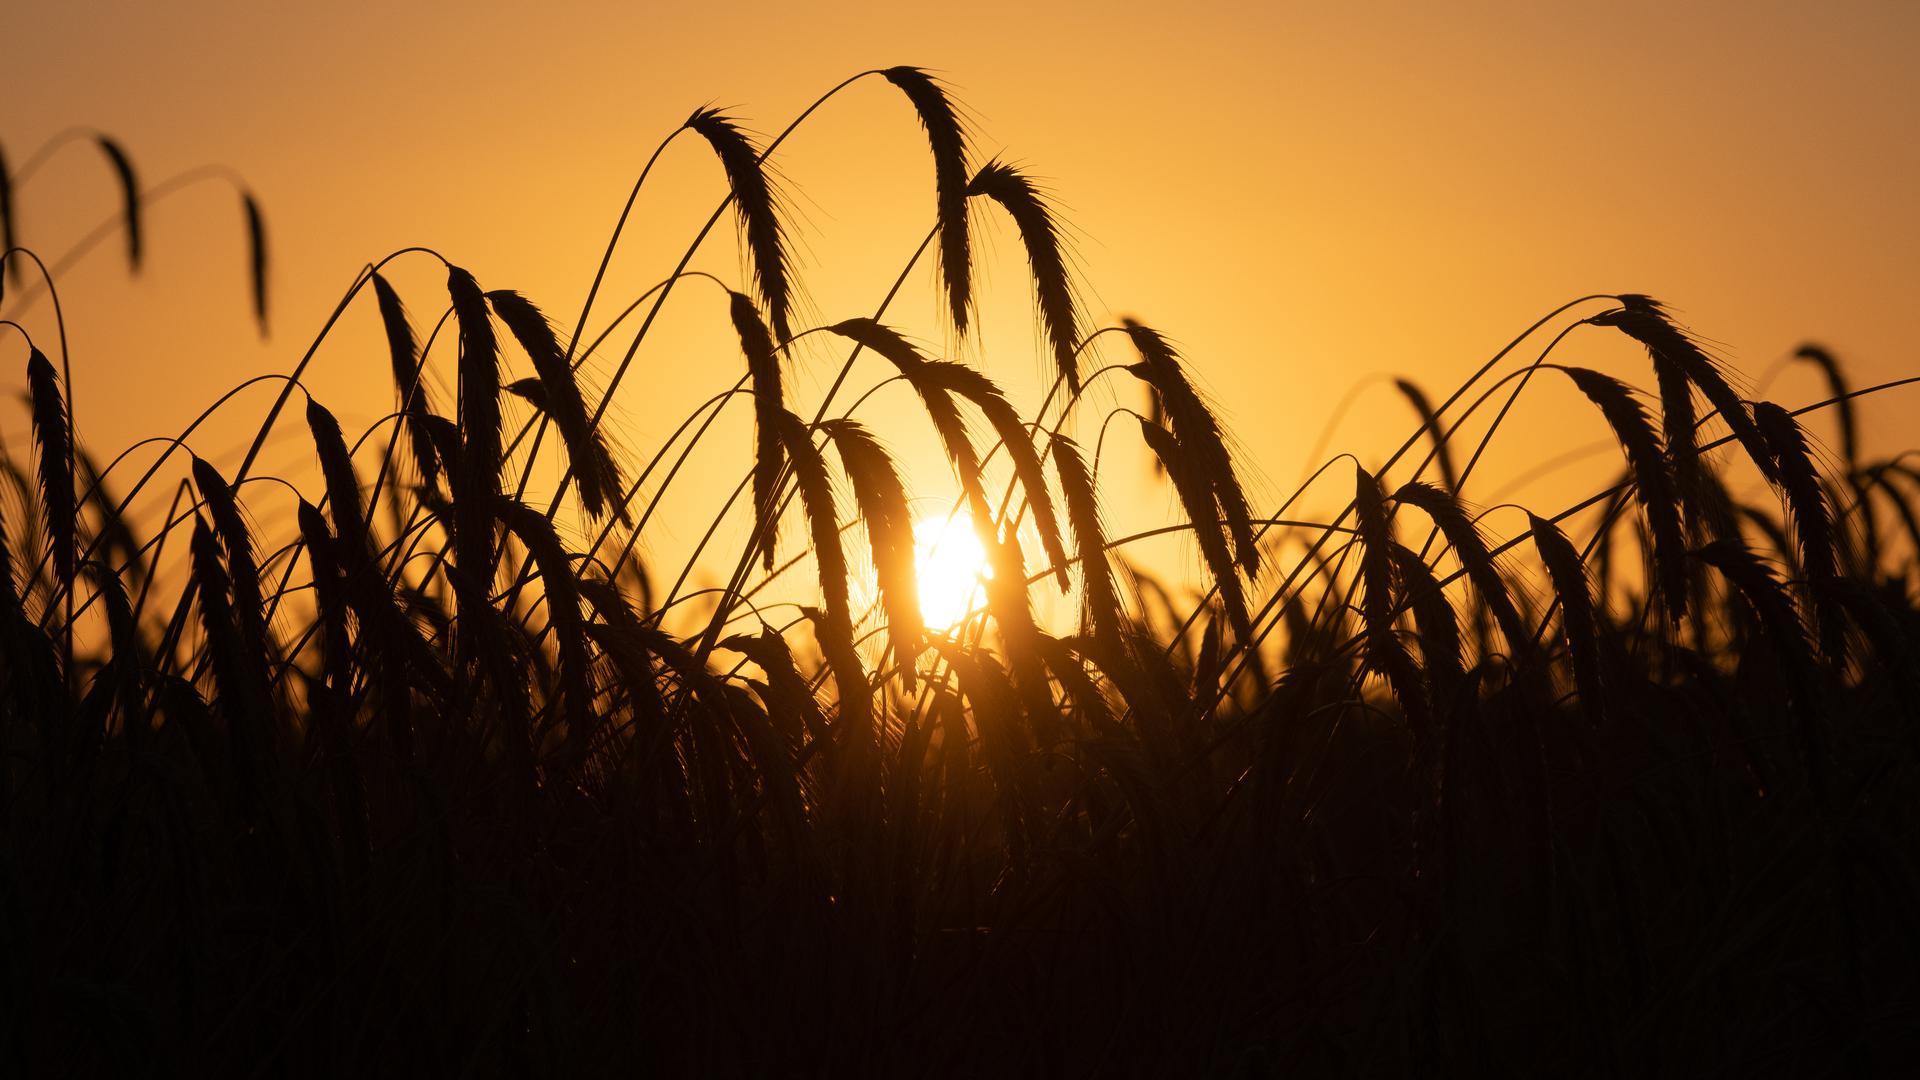 Empfindlich gegen Klimaveränderungen: Es wird erwartet, dass der Klimawandel große Auswirkungen auf die Landwirtschaft haben wird. Forscher arbeiten deswegen daran, Pflanzen zum Beispiel hitzeresistenter zu machen.